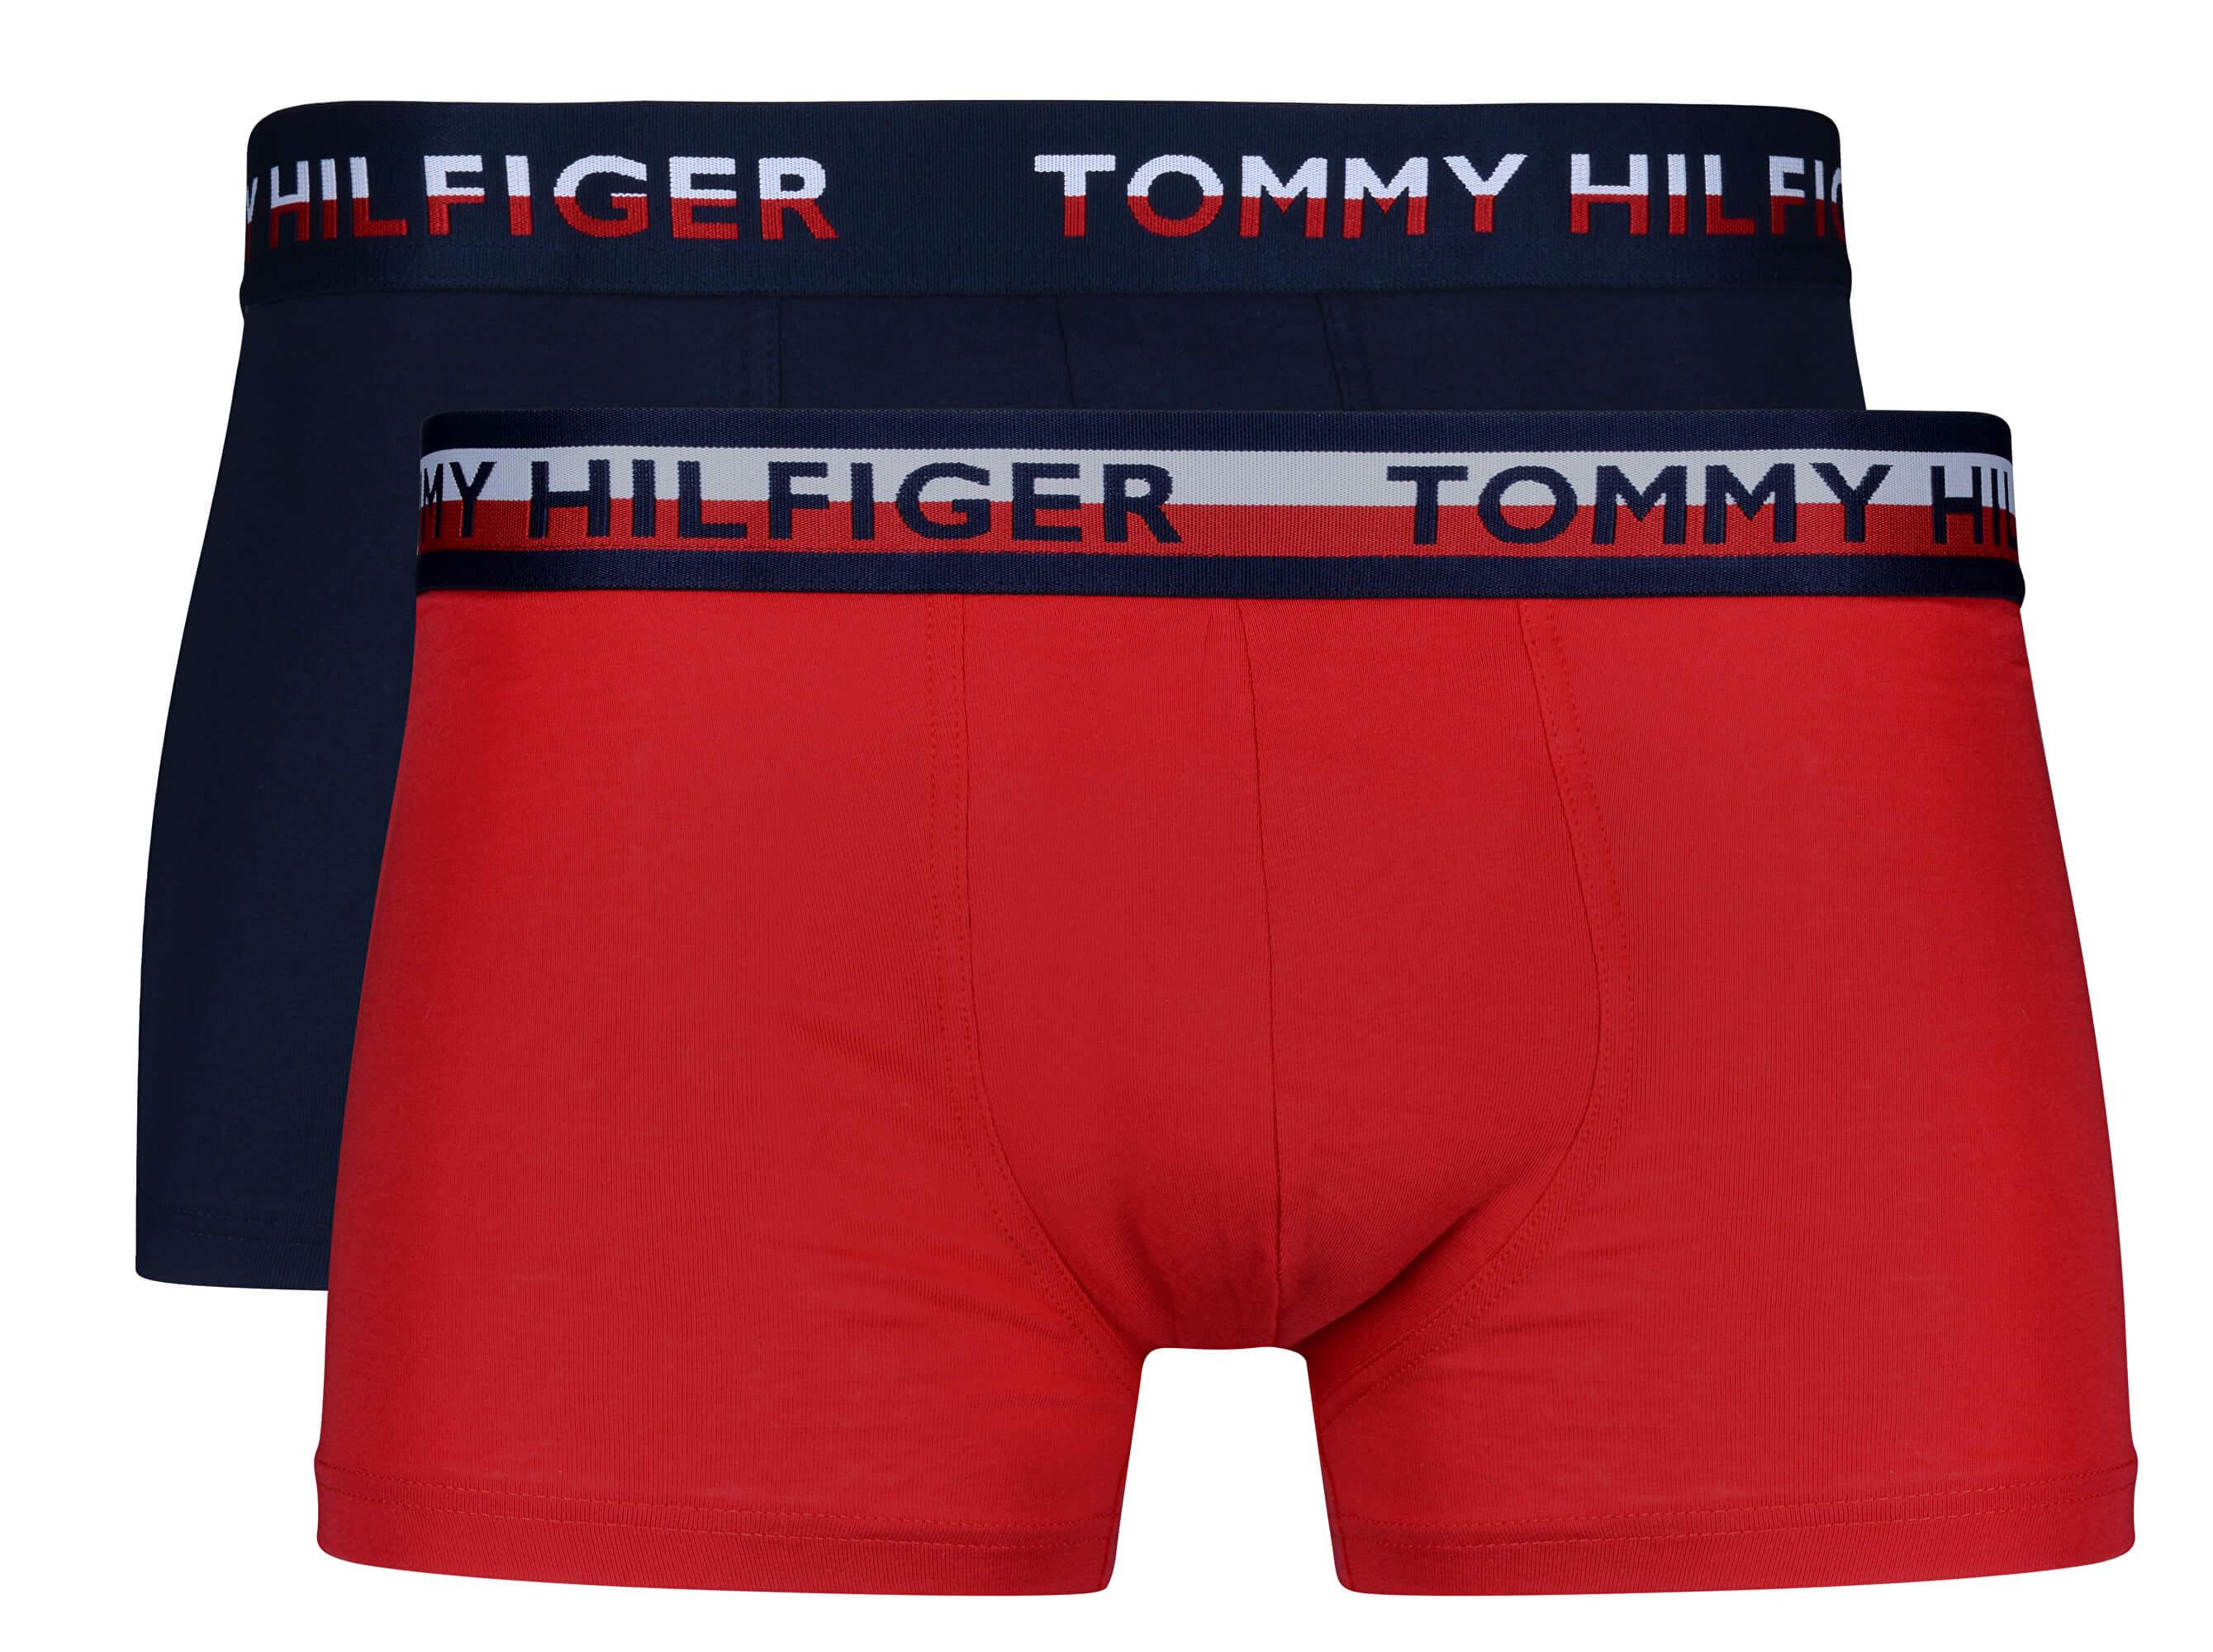 Tommy Hilfiger Boxeralsó szett TH2 Trunk Tango Red Navy Blazer UM0UM00746 -062 9462da6f70